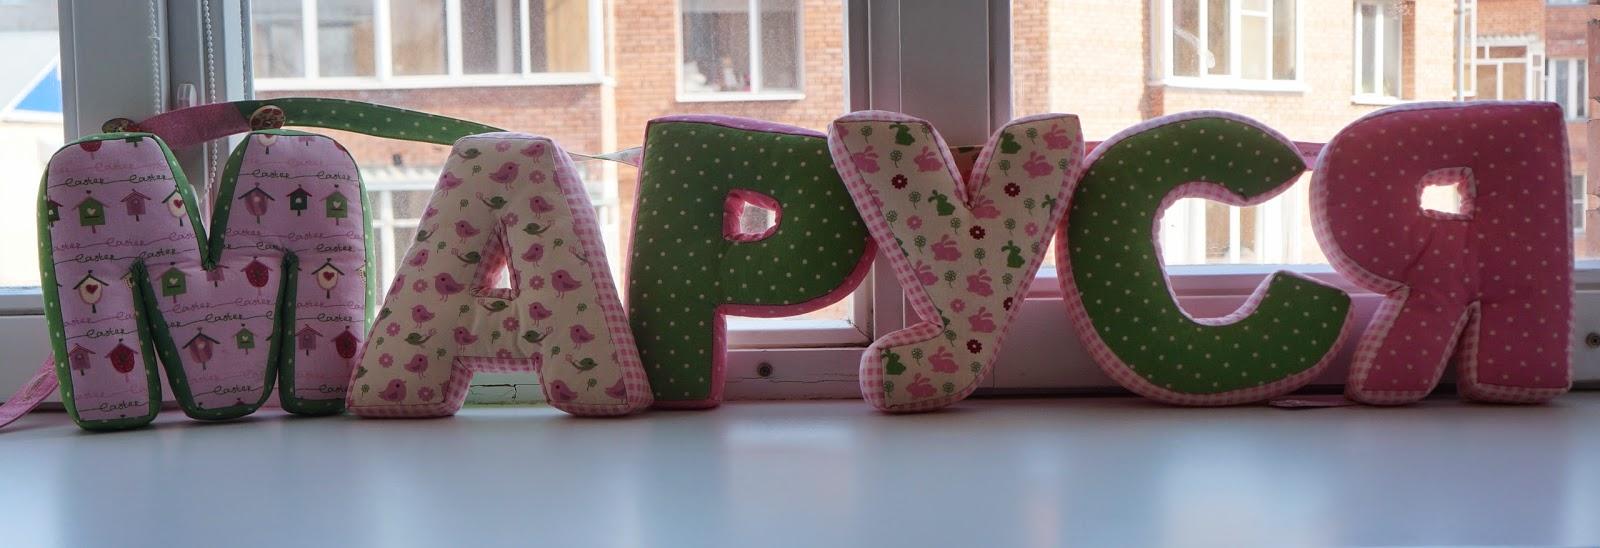 Patchtree, лоскутное шитье, буквы